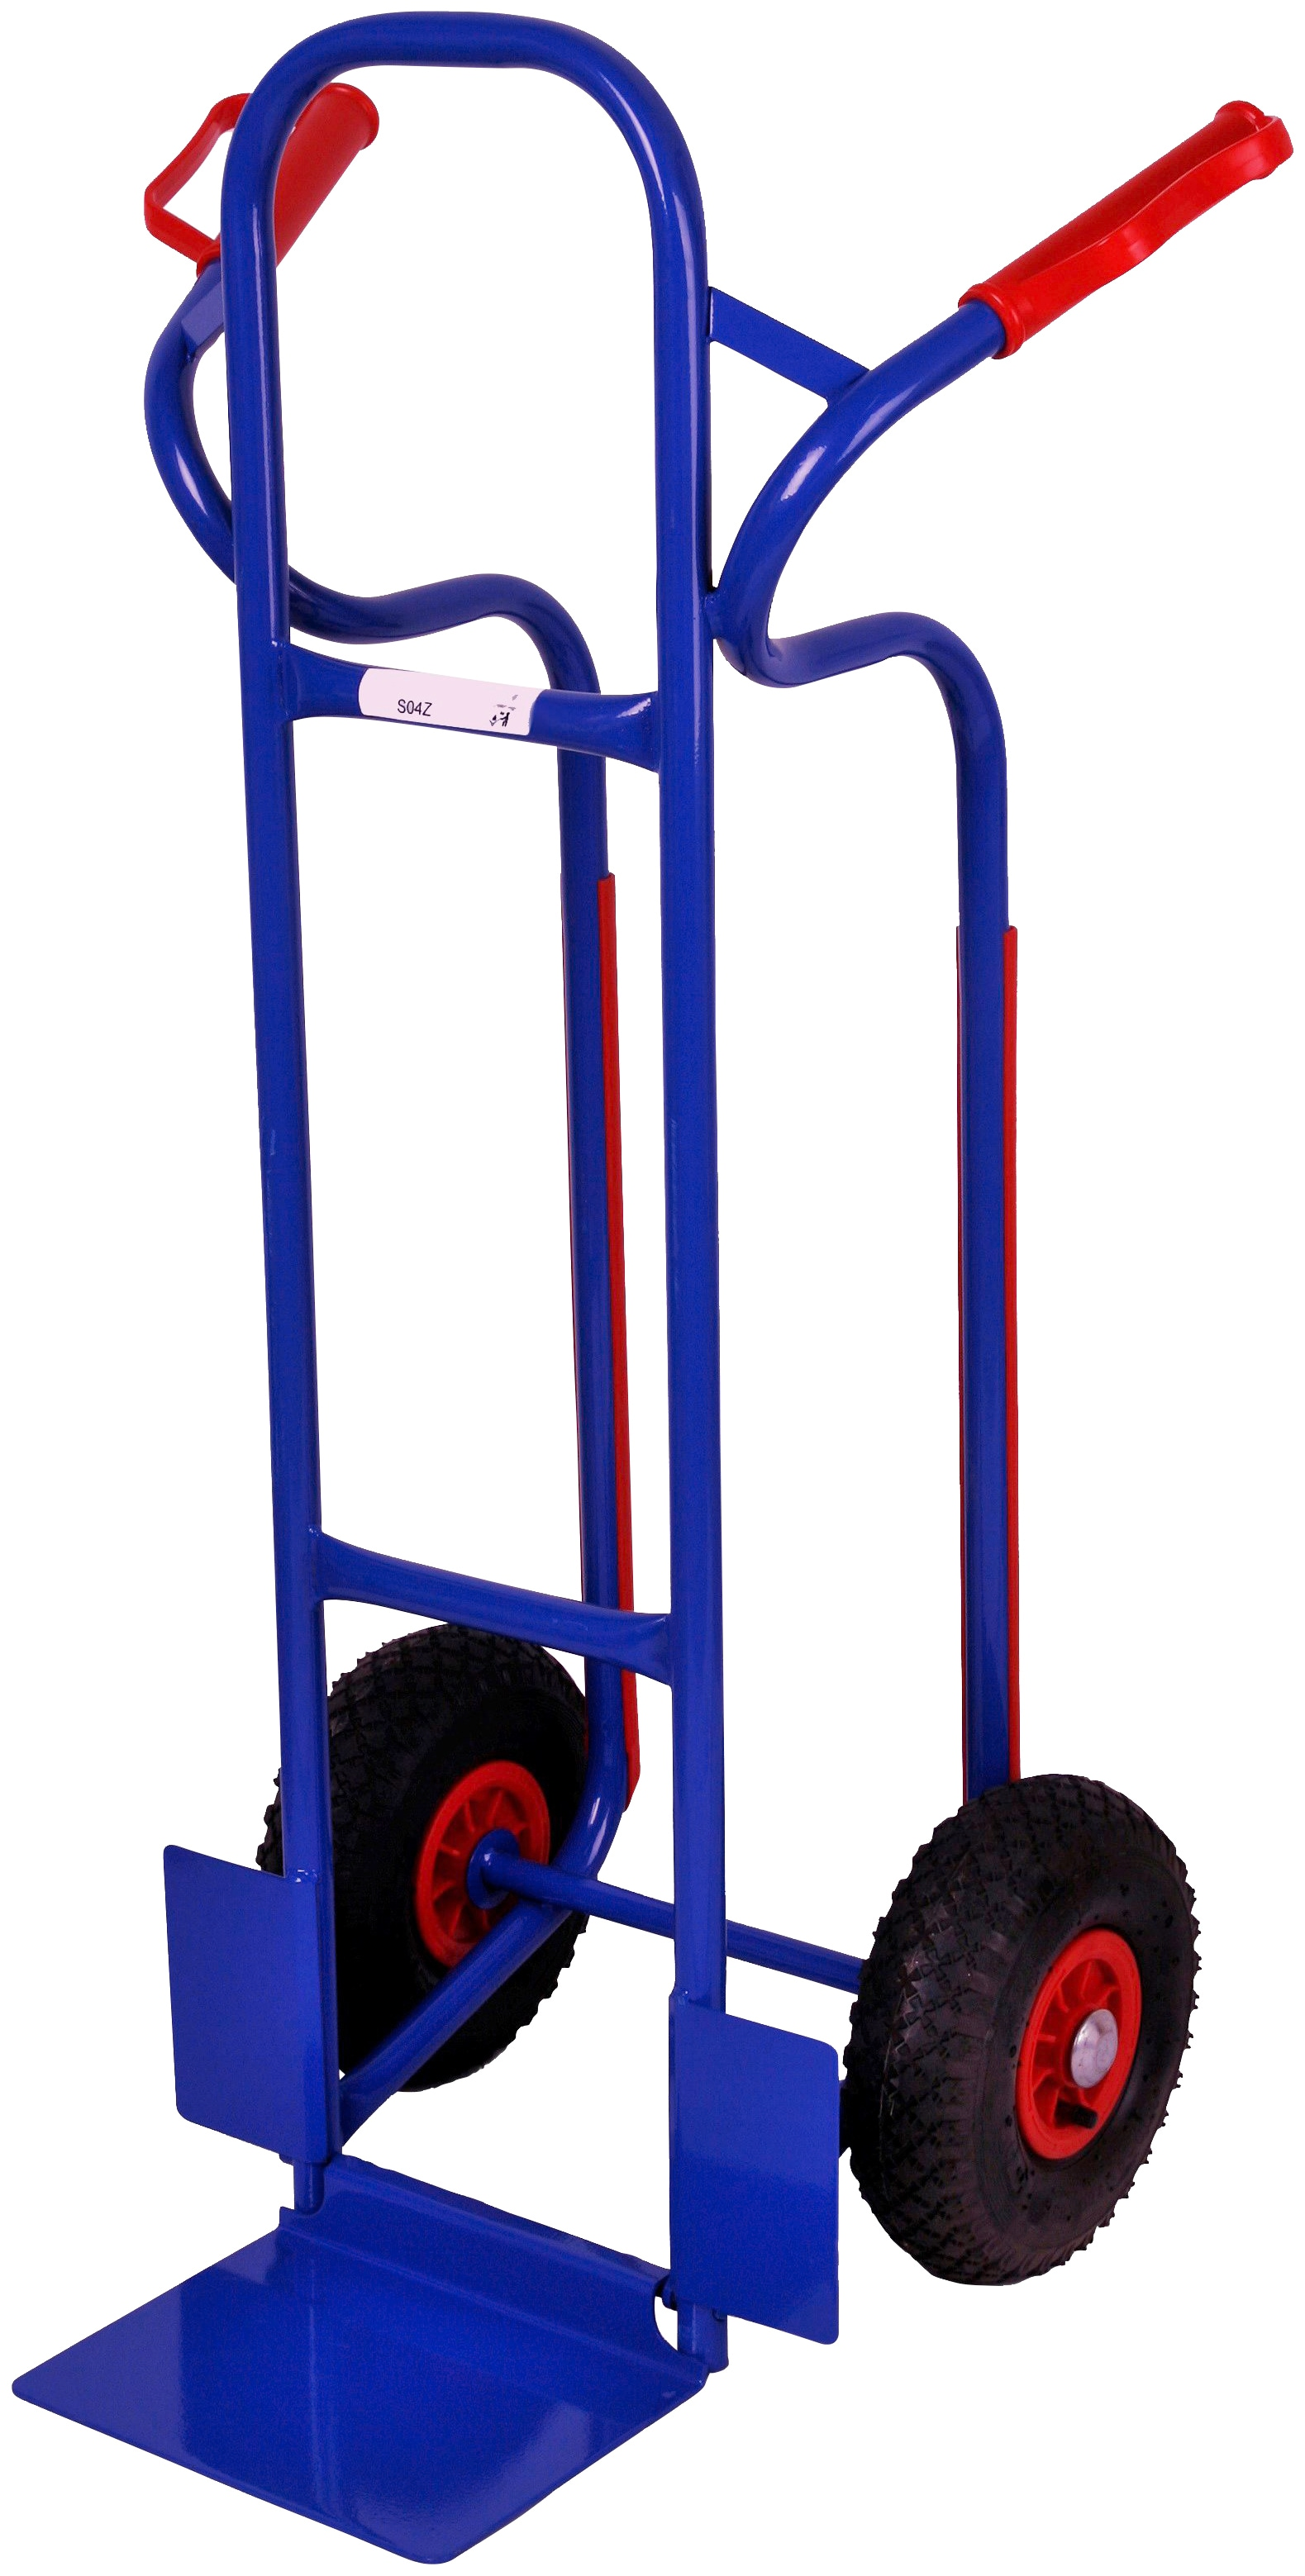 SZ METALL Sackkarre, 250 kg blau Sackkarren Transport Werkzeug Maschinen Sackkarre